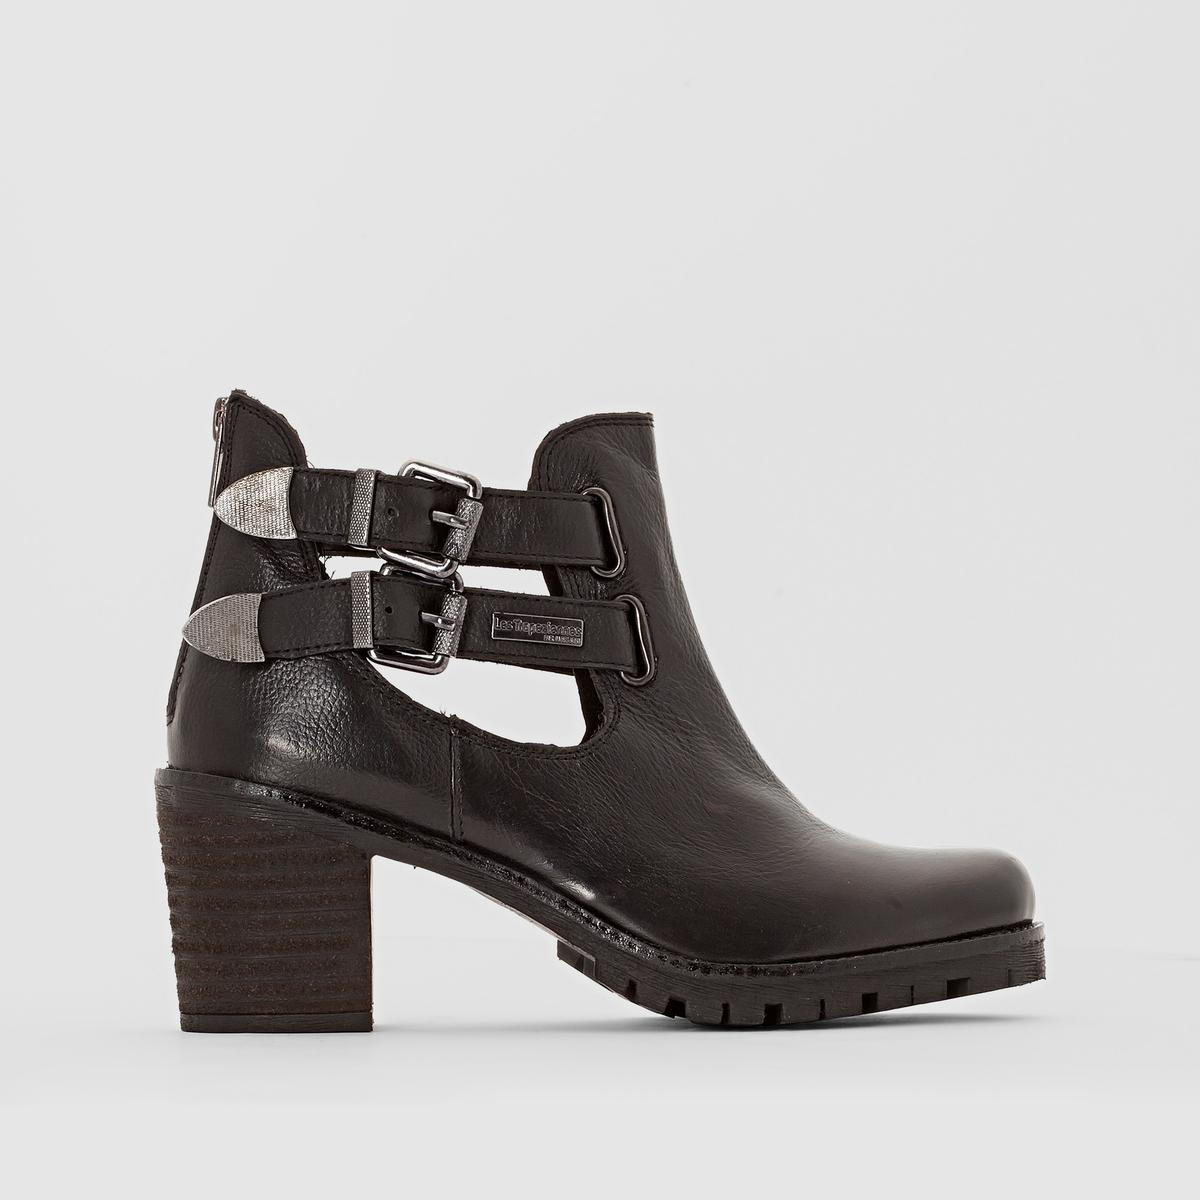 Ботильоны кожаные на каблуке, LUMINAВерх/ Голенище: Яловичная кожа.       Подкладка: Текстиль.            Стелька: Кожа.           Подошва: Синтетический материал.         Форма каблука: Широкая.  Мысок: Круглый.       Застежка: На молнию.<br><br>Цвет: черный<br>Размер: 39